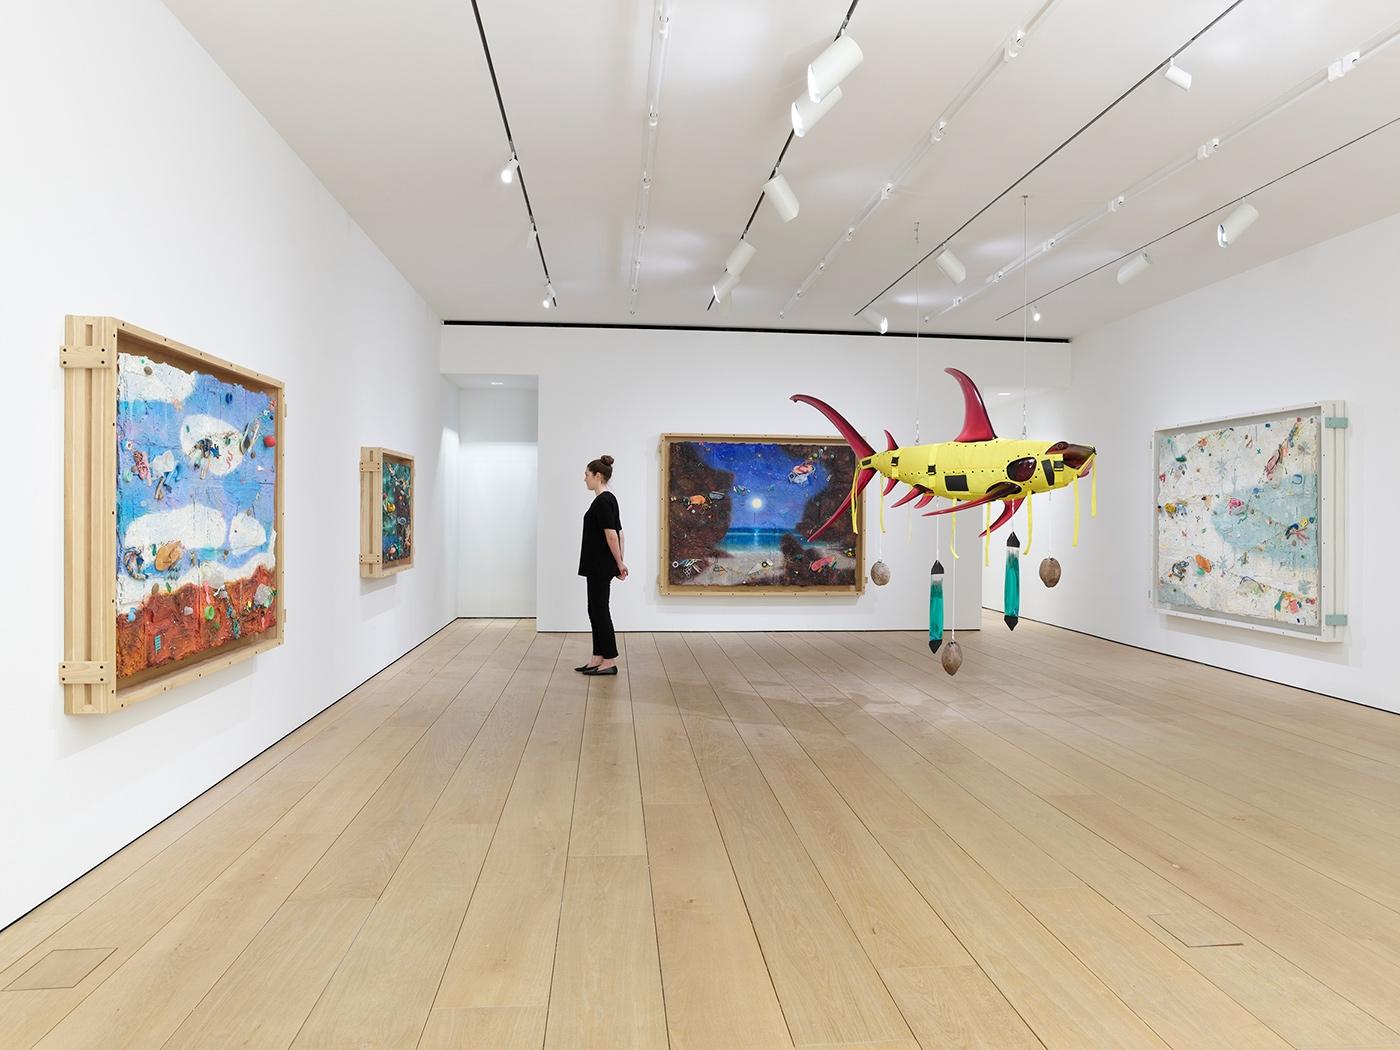 In Focus: Ashley Bickerton, Installation view, New York